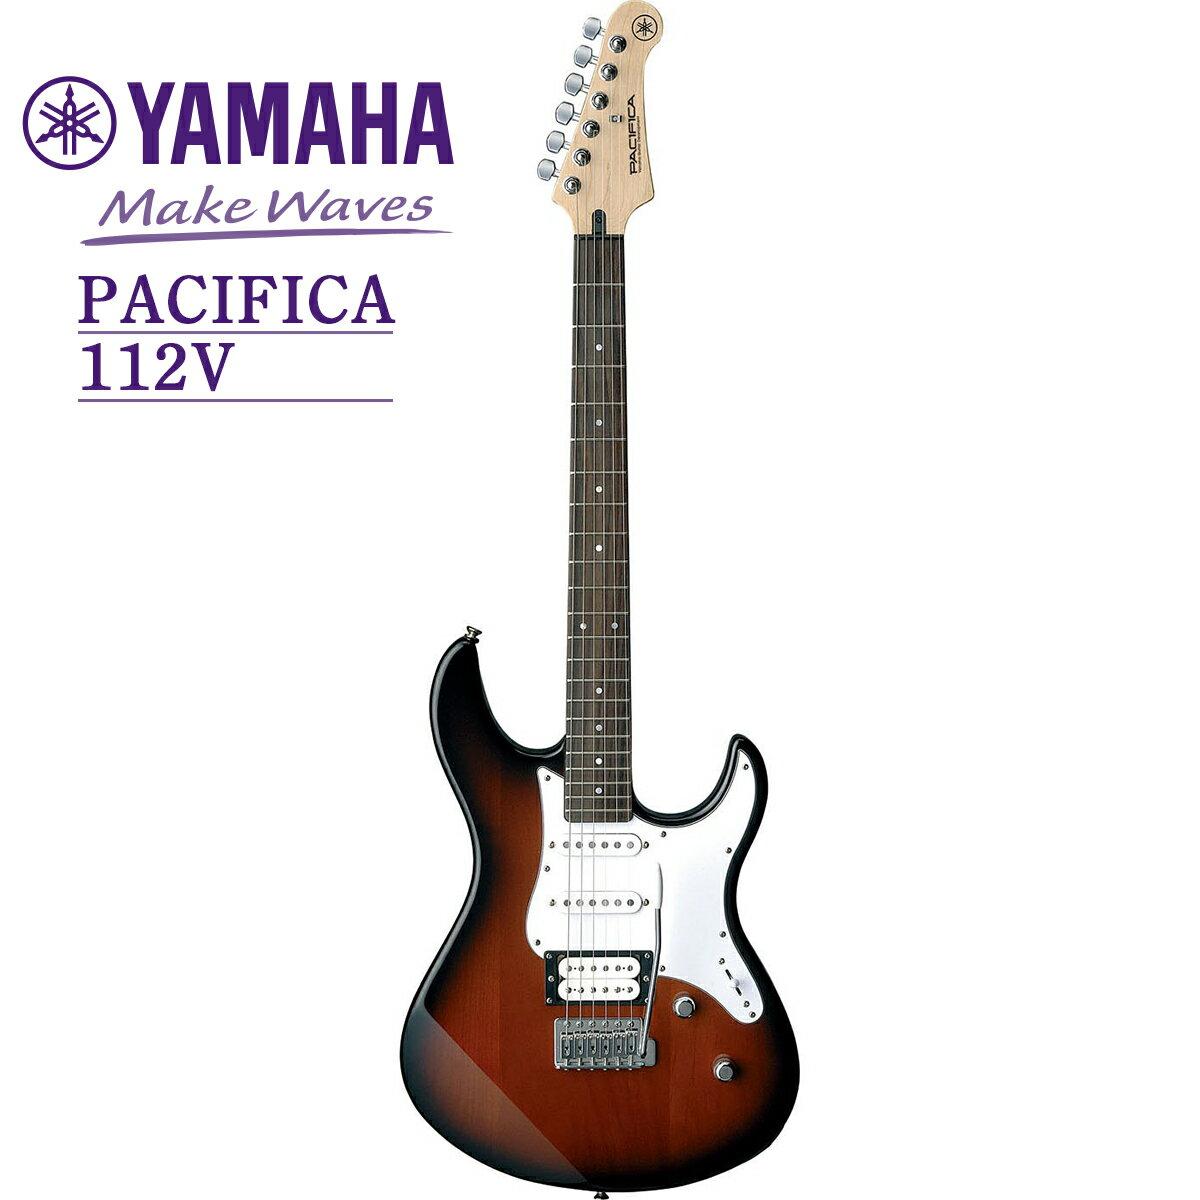 ギター, エレキギター YAMAHA PACIFICA 112V -OVS()- SunburstElectric Guitar,